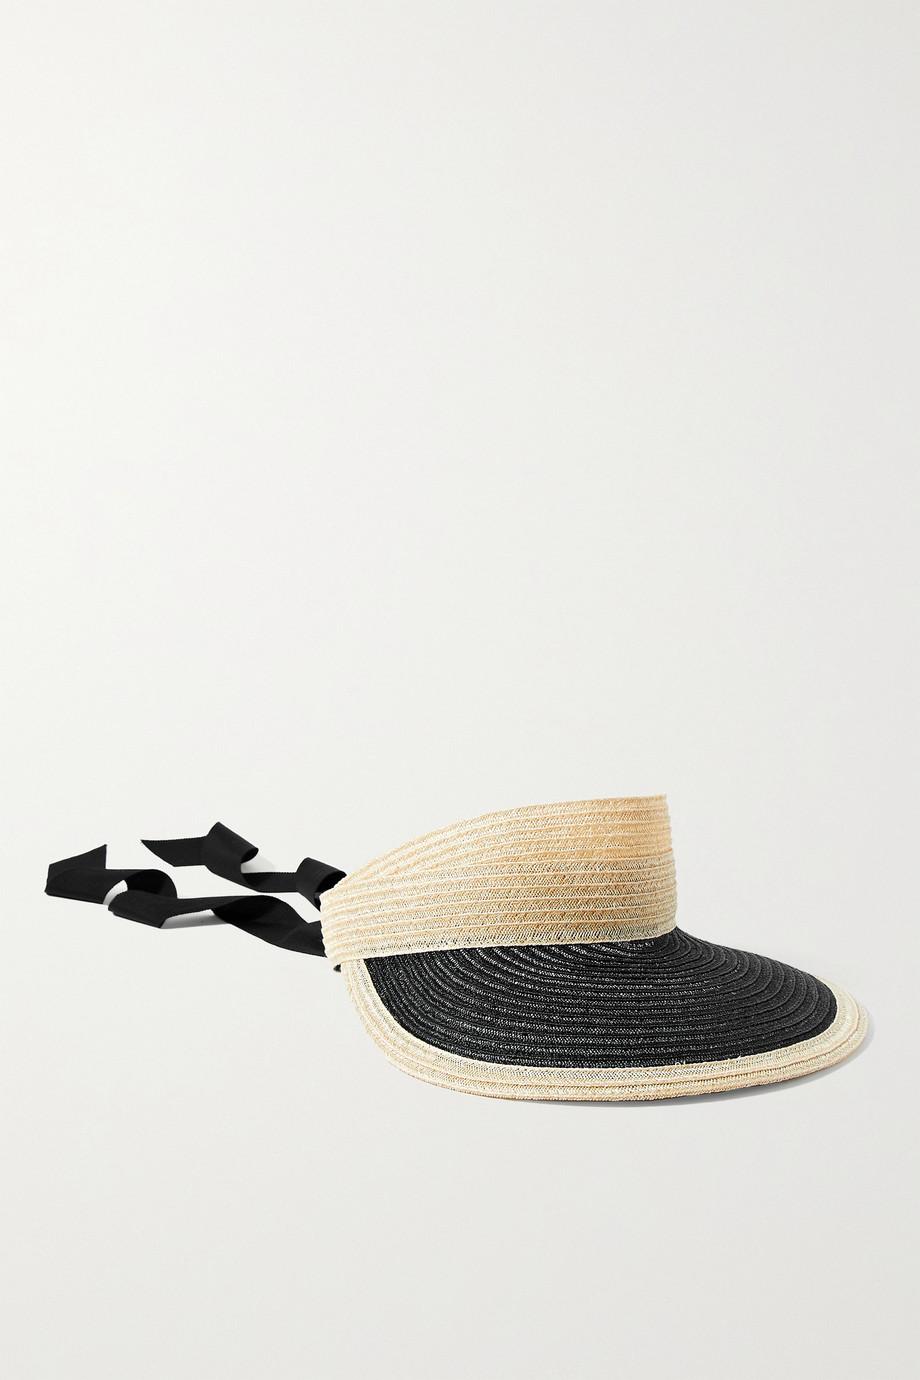 Eugenia Kim Ricky grosgrain-trimmed hemp visor